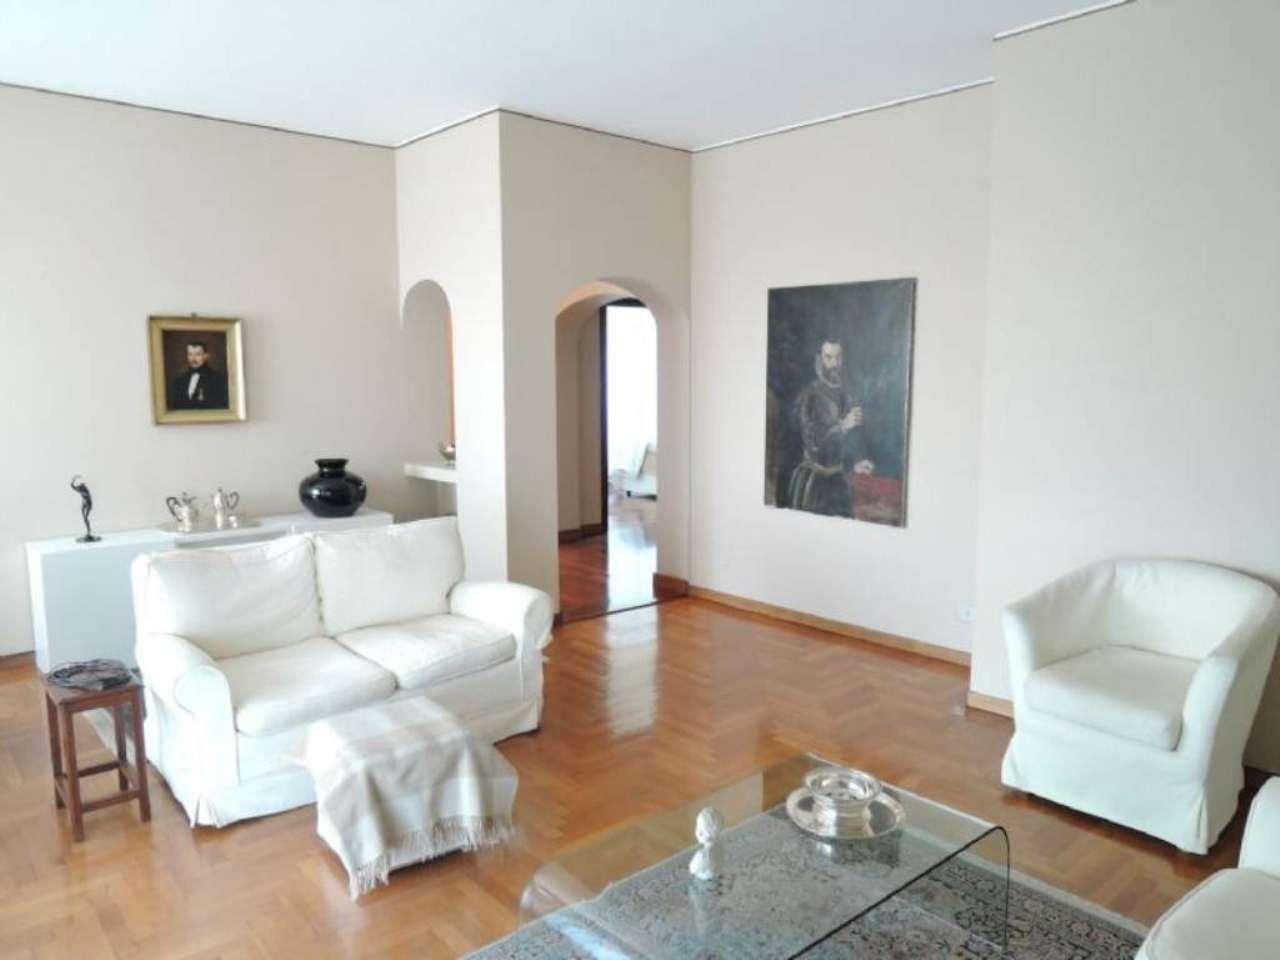 Appartamento in vendita a Milano, 4 locali, zona Zona: 14 . Lotto, Novara, San Siro, QT8 , Montestella, Rembrandt, prezzo € 490.000 | Cambio Casa.it